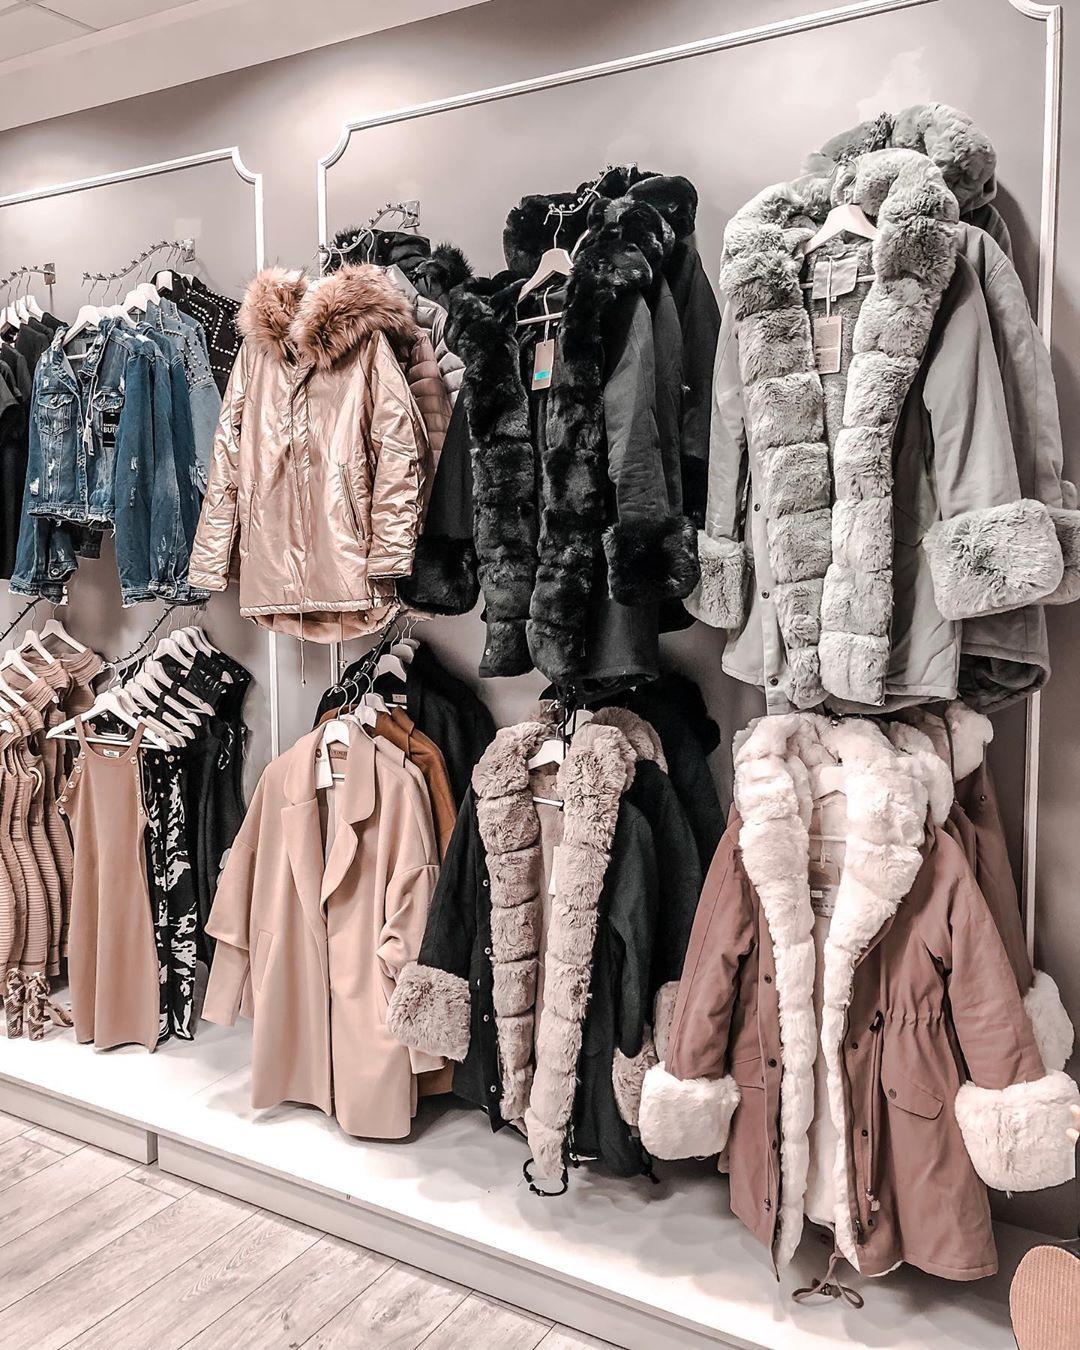 Nowosci Zapelnily Kameleon Butik Stacjonarnie Dworcowa 17 Bydgoszcz Www Kameleonbutik Com Zapraszam Fashion Clot Fashion Blogger Fashion Trench Coat